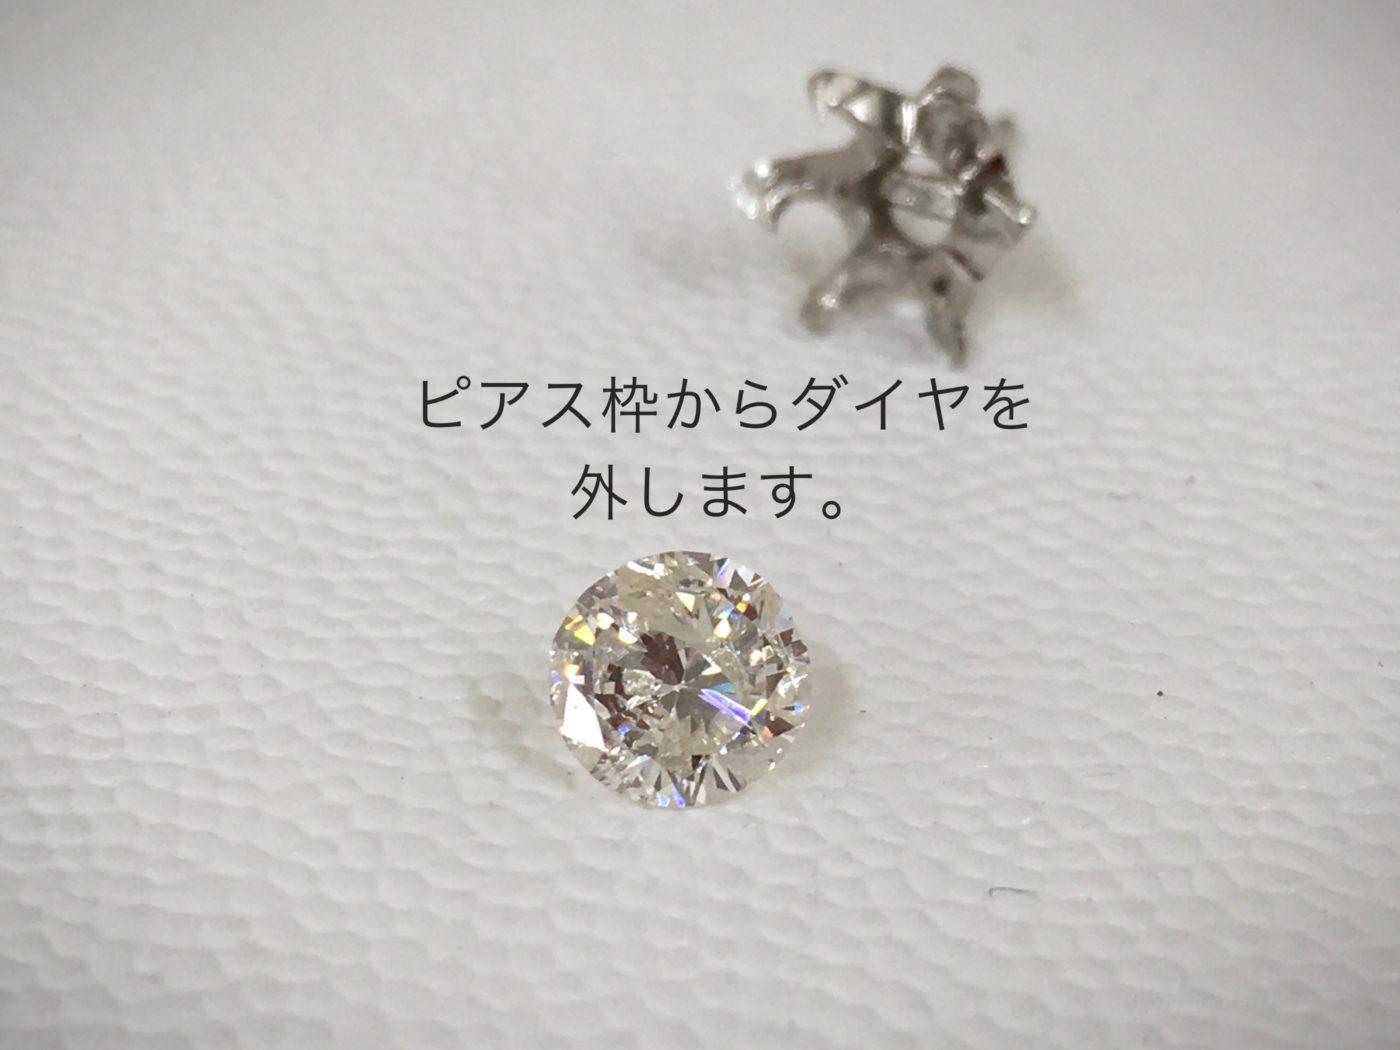 ジュエリーリフォーム ピアスからペンダントにリフォーム 山梨県 ダイヤモンド